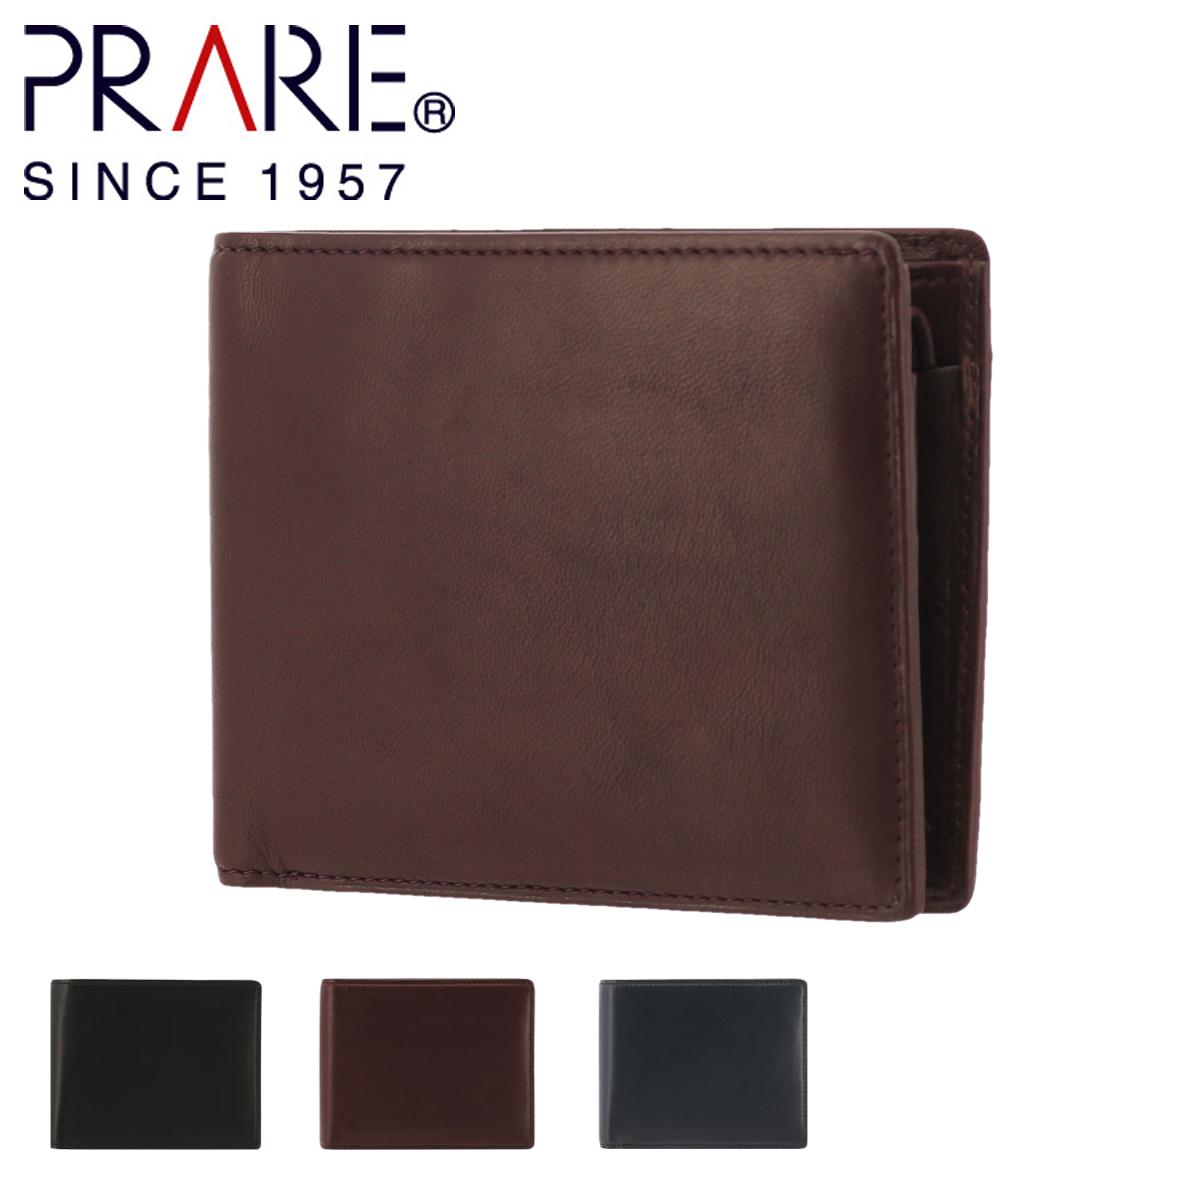 プレリー 二つ折り財布 メンズ リング NP18213 PRAIRIE | 羊革 本革 レザー[PO10]